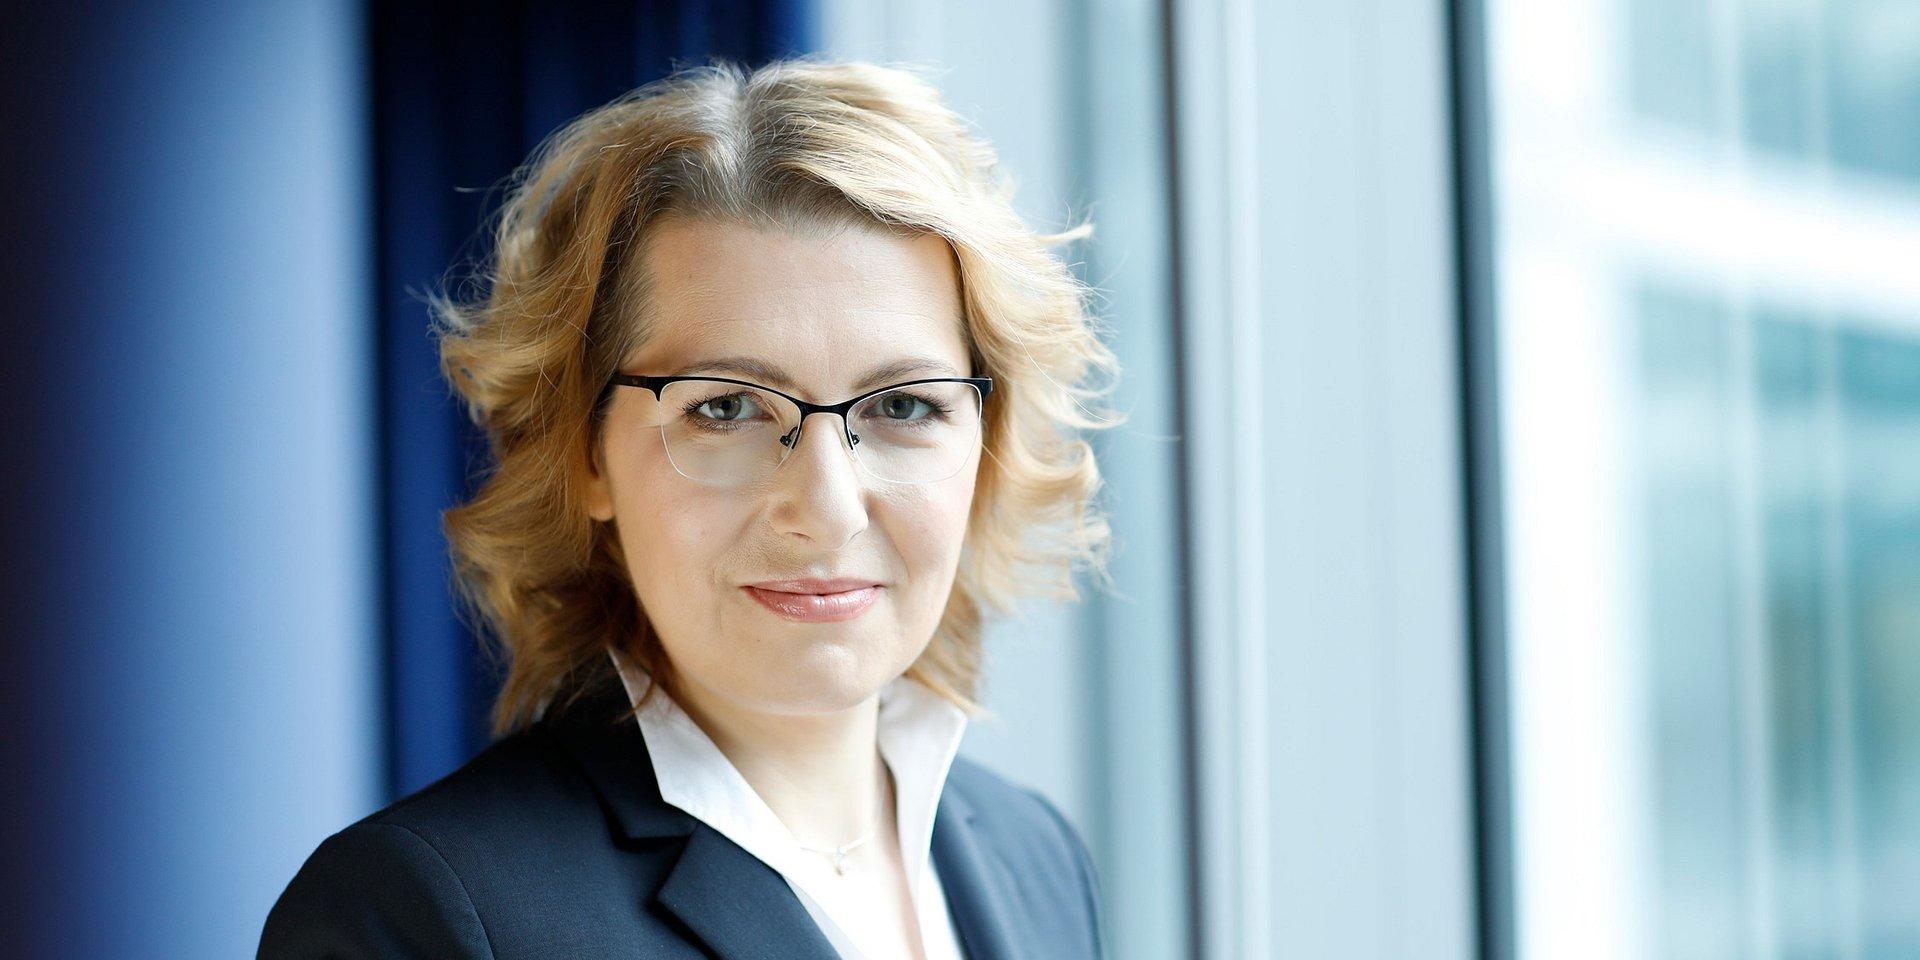 Prywatne akademiki– kolejny inwestycyjny hit w Europie Środkowej i Wschodniej?